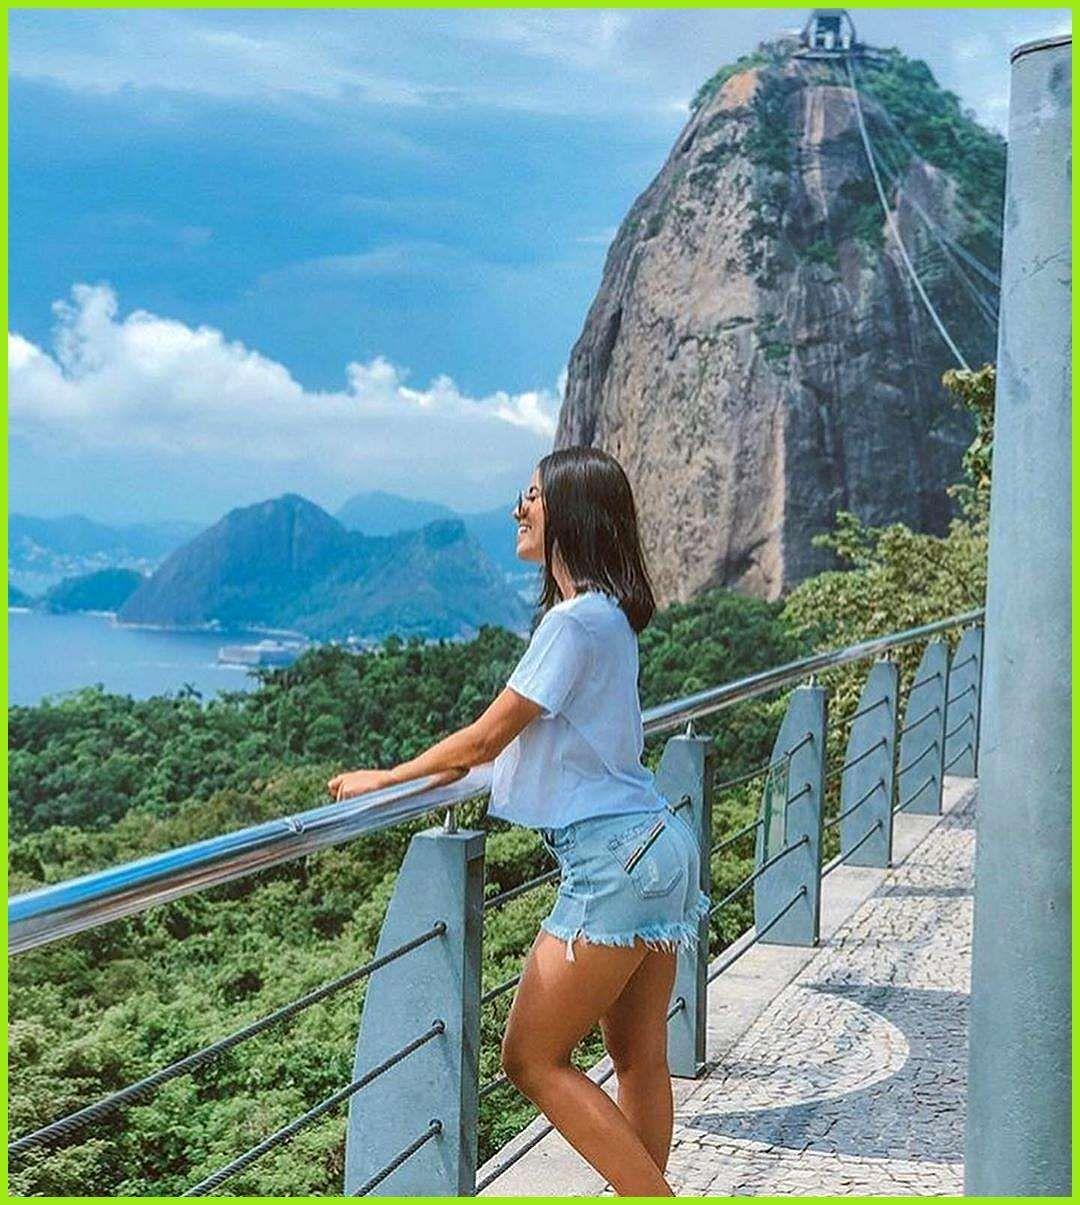 Sehenswerte Orte Auf Instagram Urca Zuckerhut Seilbahn Rio De Janeiro Brasilien Auf Bra Fotos Do Rio Rio De Janeiro Fotos Rio De Janeiro